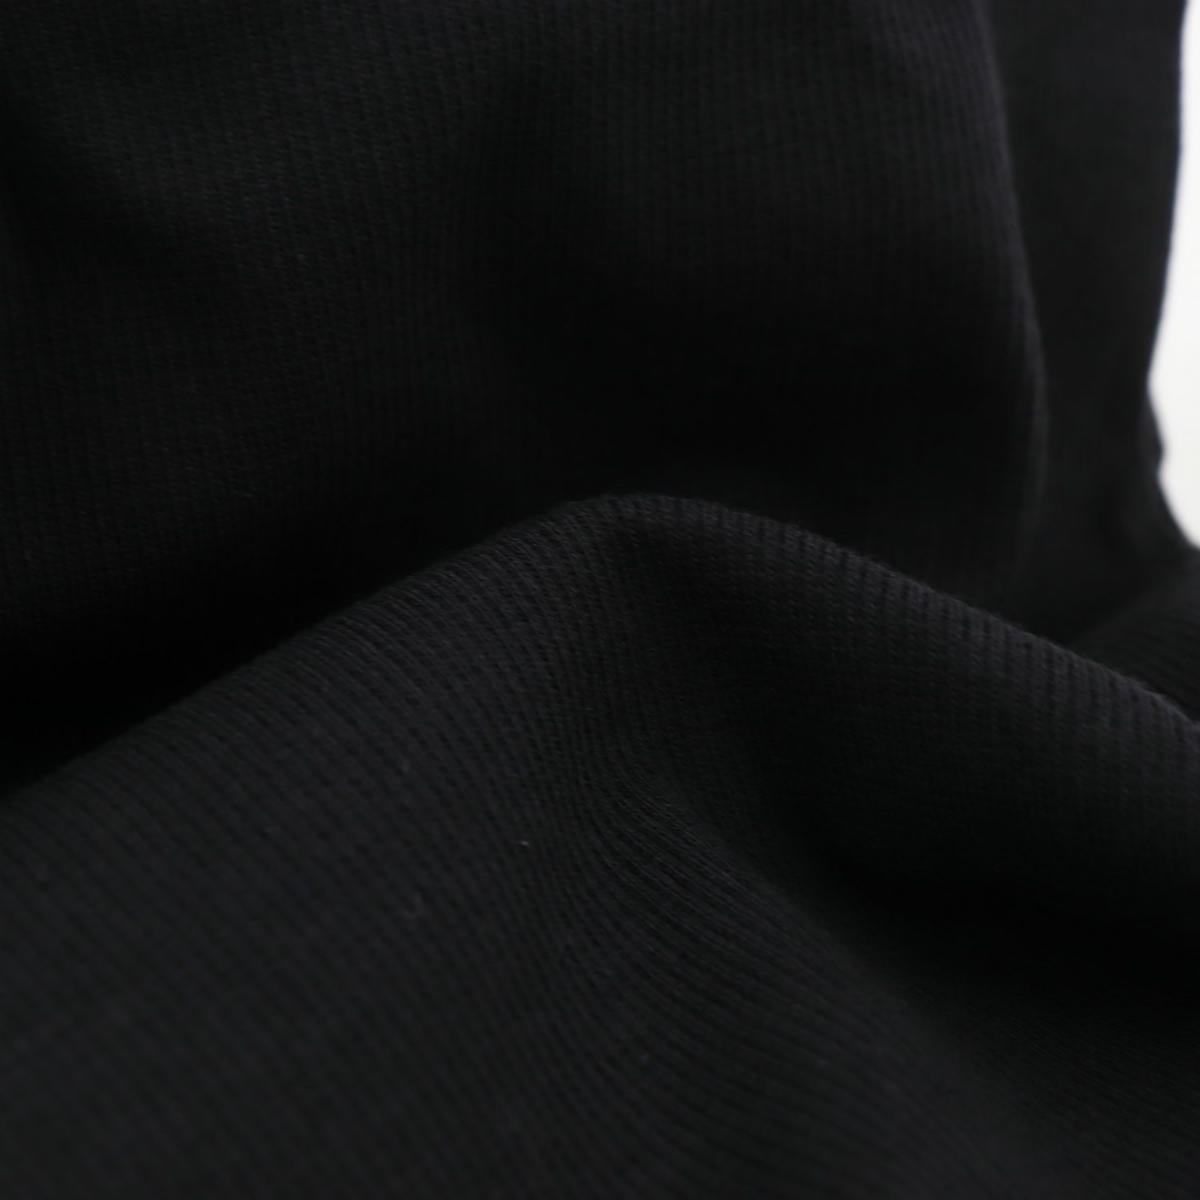 ルミノア Le minor レディース マイクロリブ ボートネックカットソー LMRIB113 LMN B BORDEE CARBONE(ブラック)秋冬新作